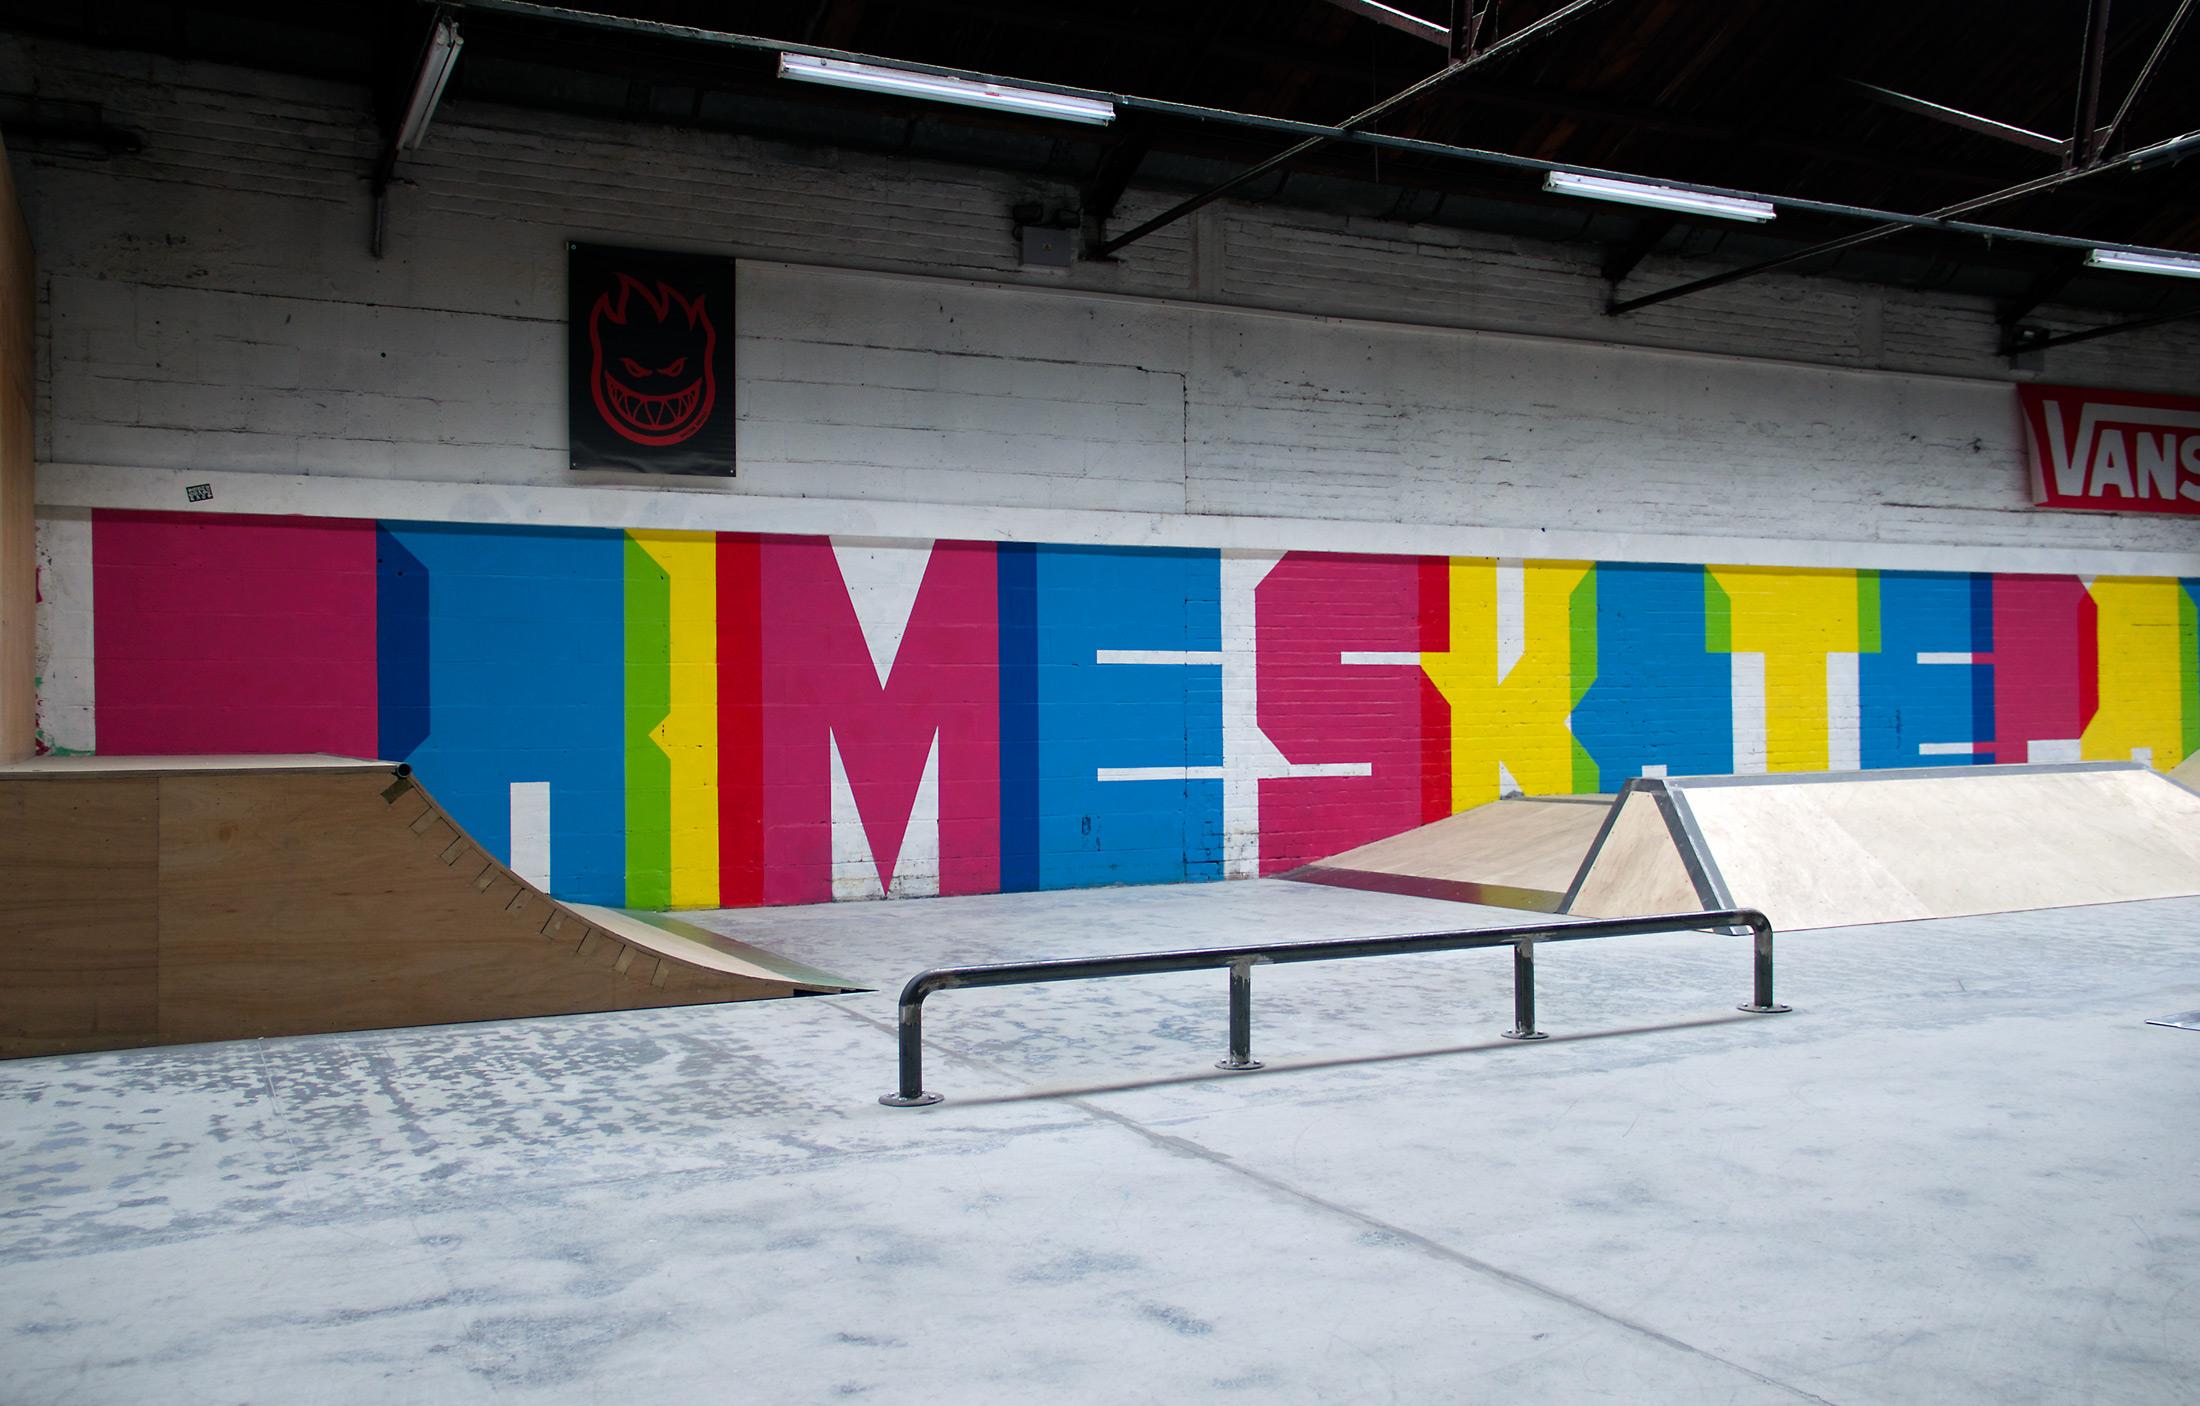 prime-skate-park-typography-mural-1